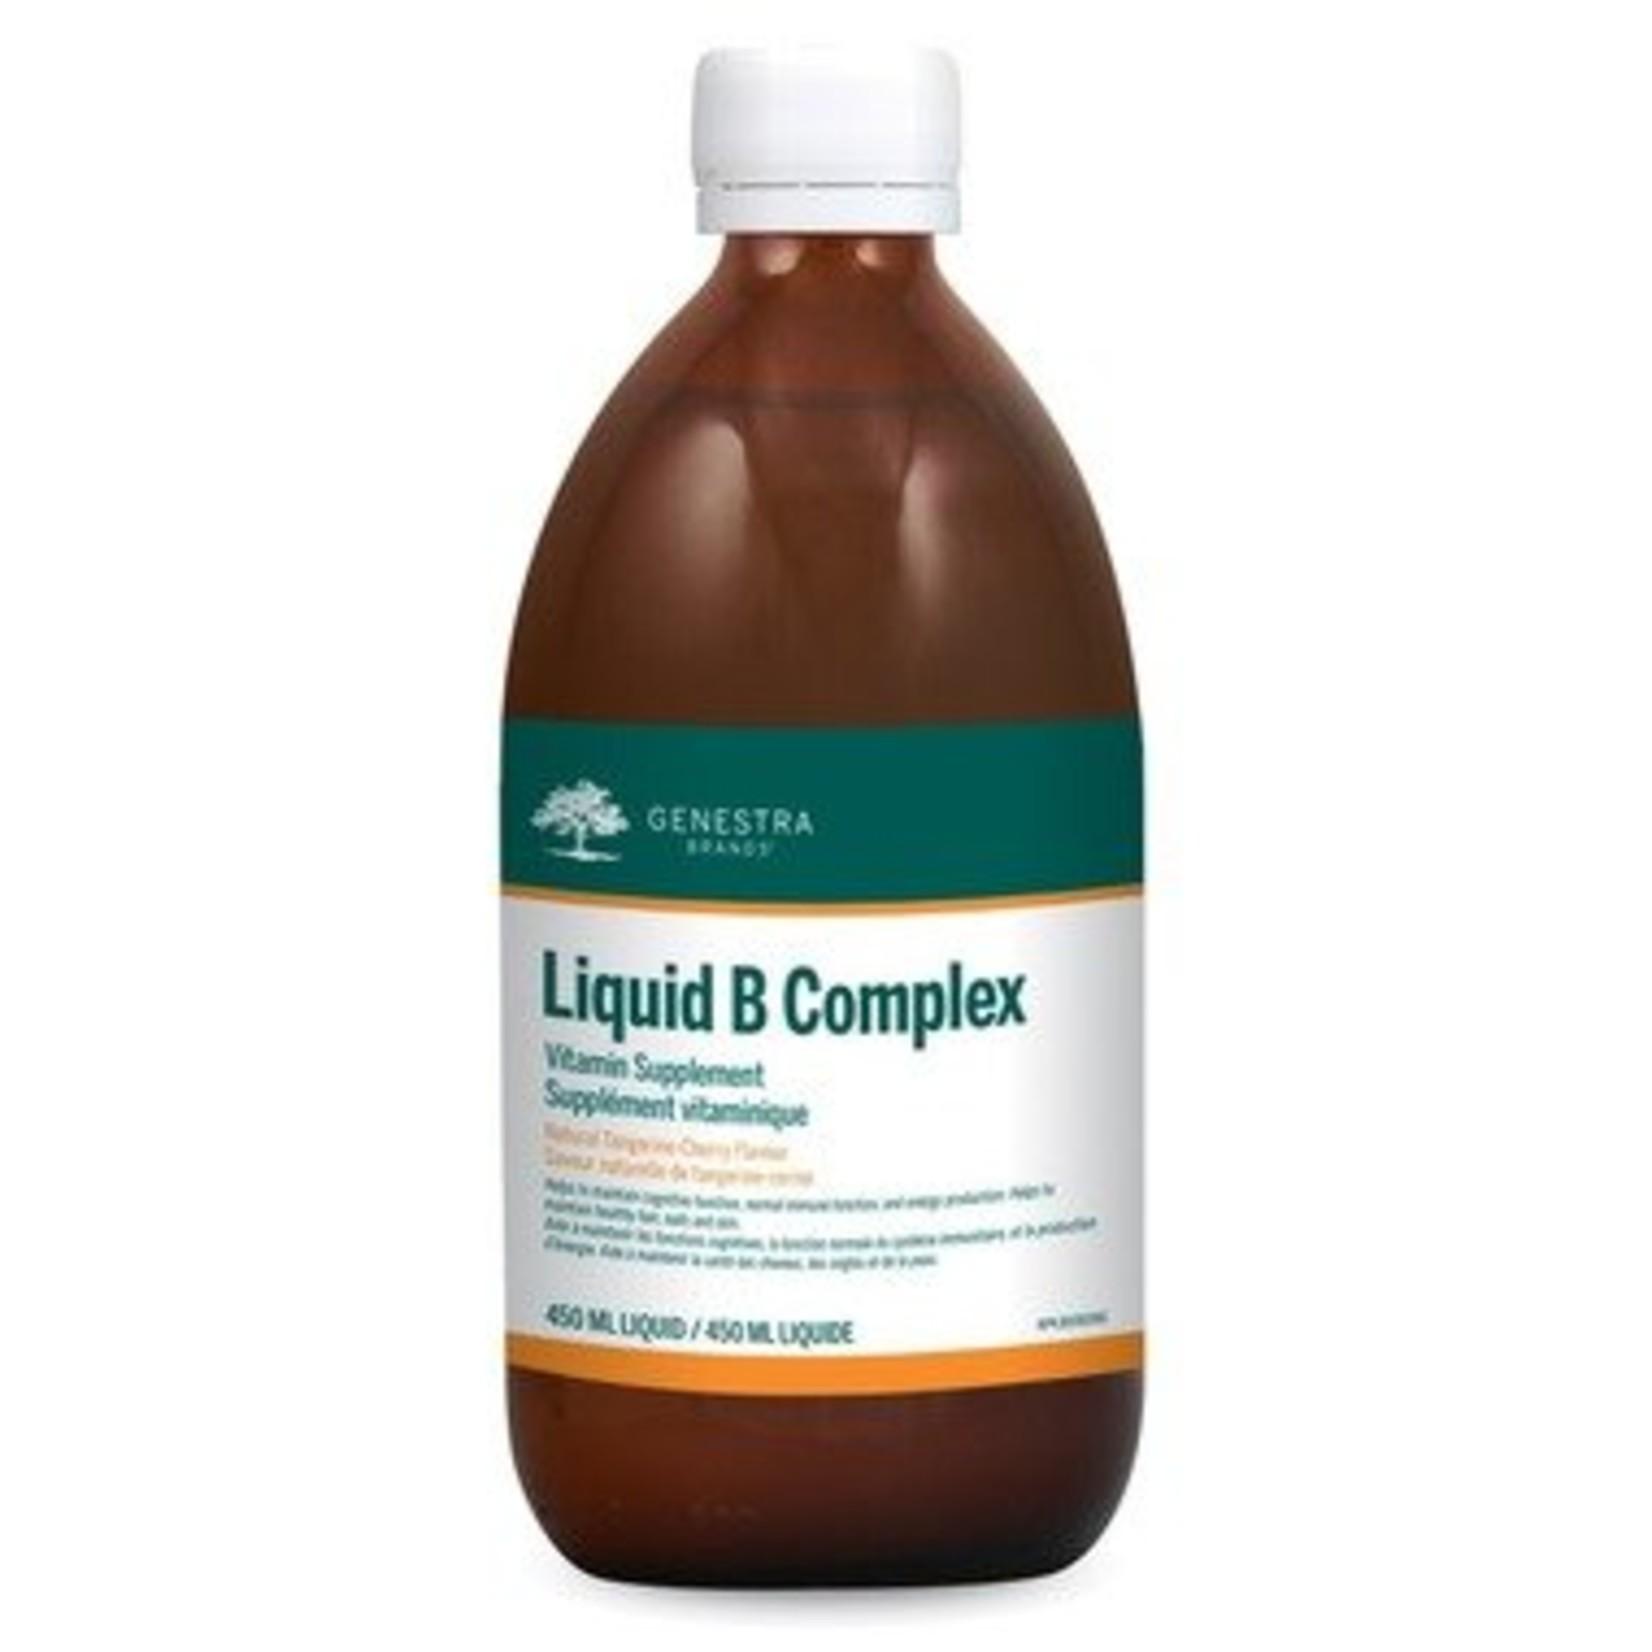 Genestra Genestra Liquid B Complex 450ml